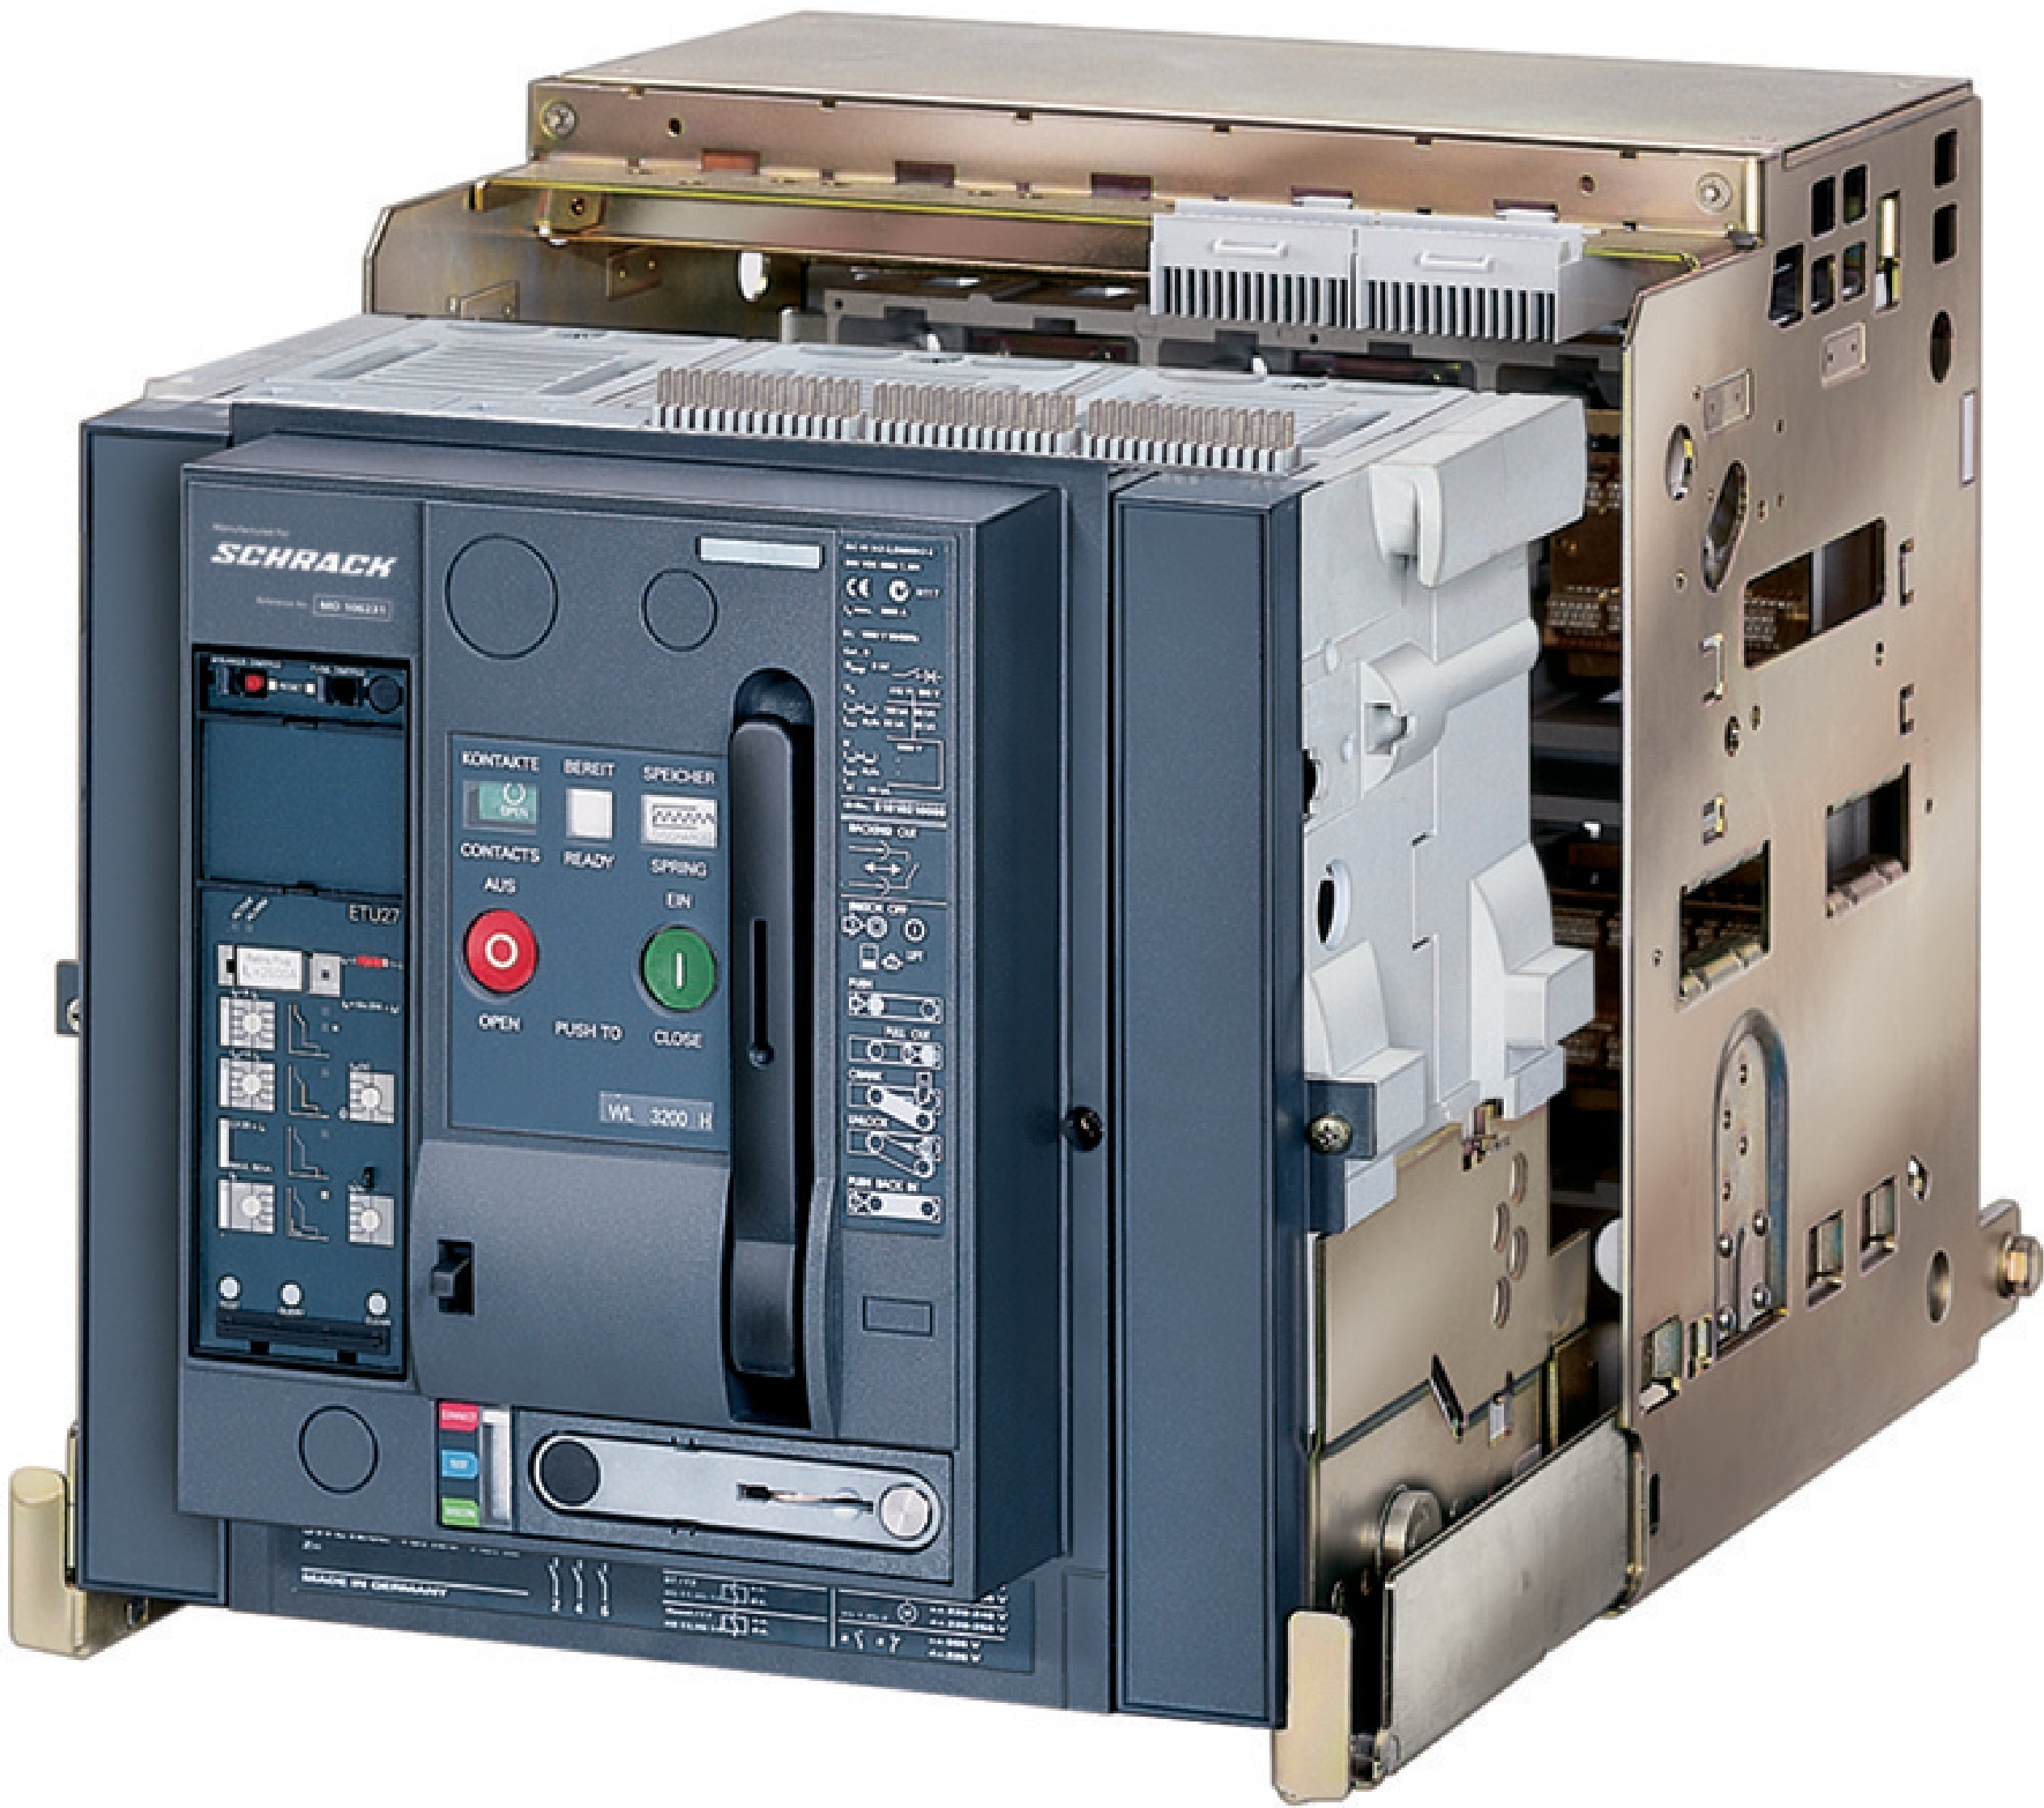 1 Stk Leistungsschalter, MO3, 3-polig, 4000A, 100kA, ausfahrbar,RH MO340436--